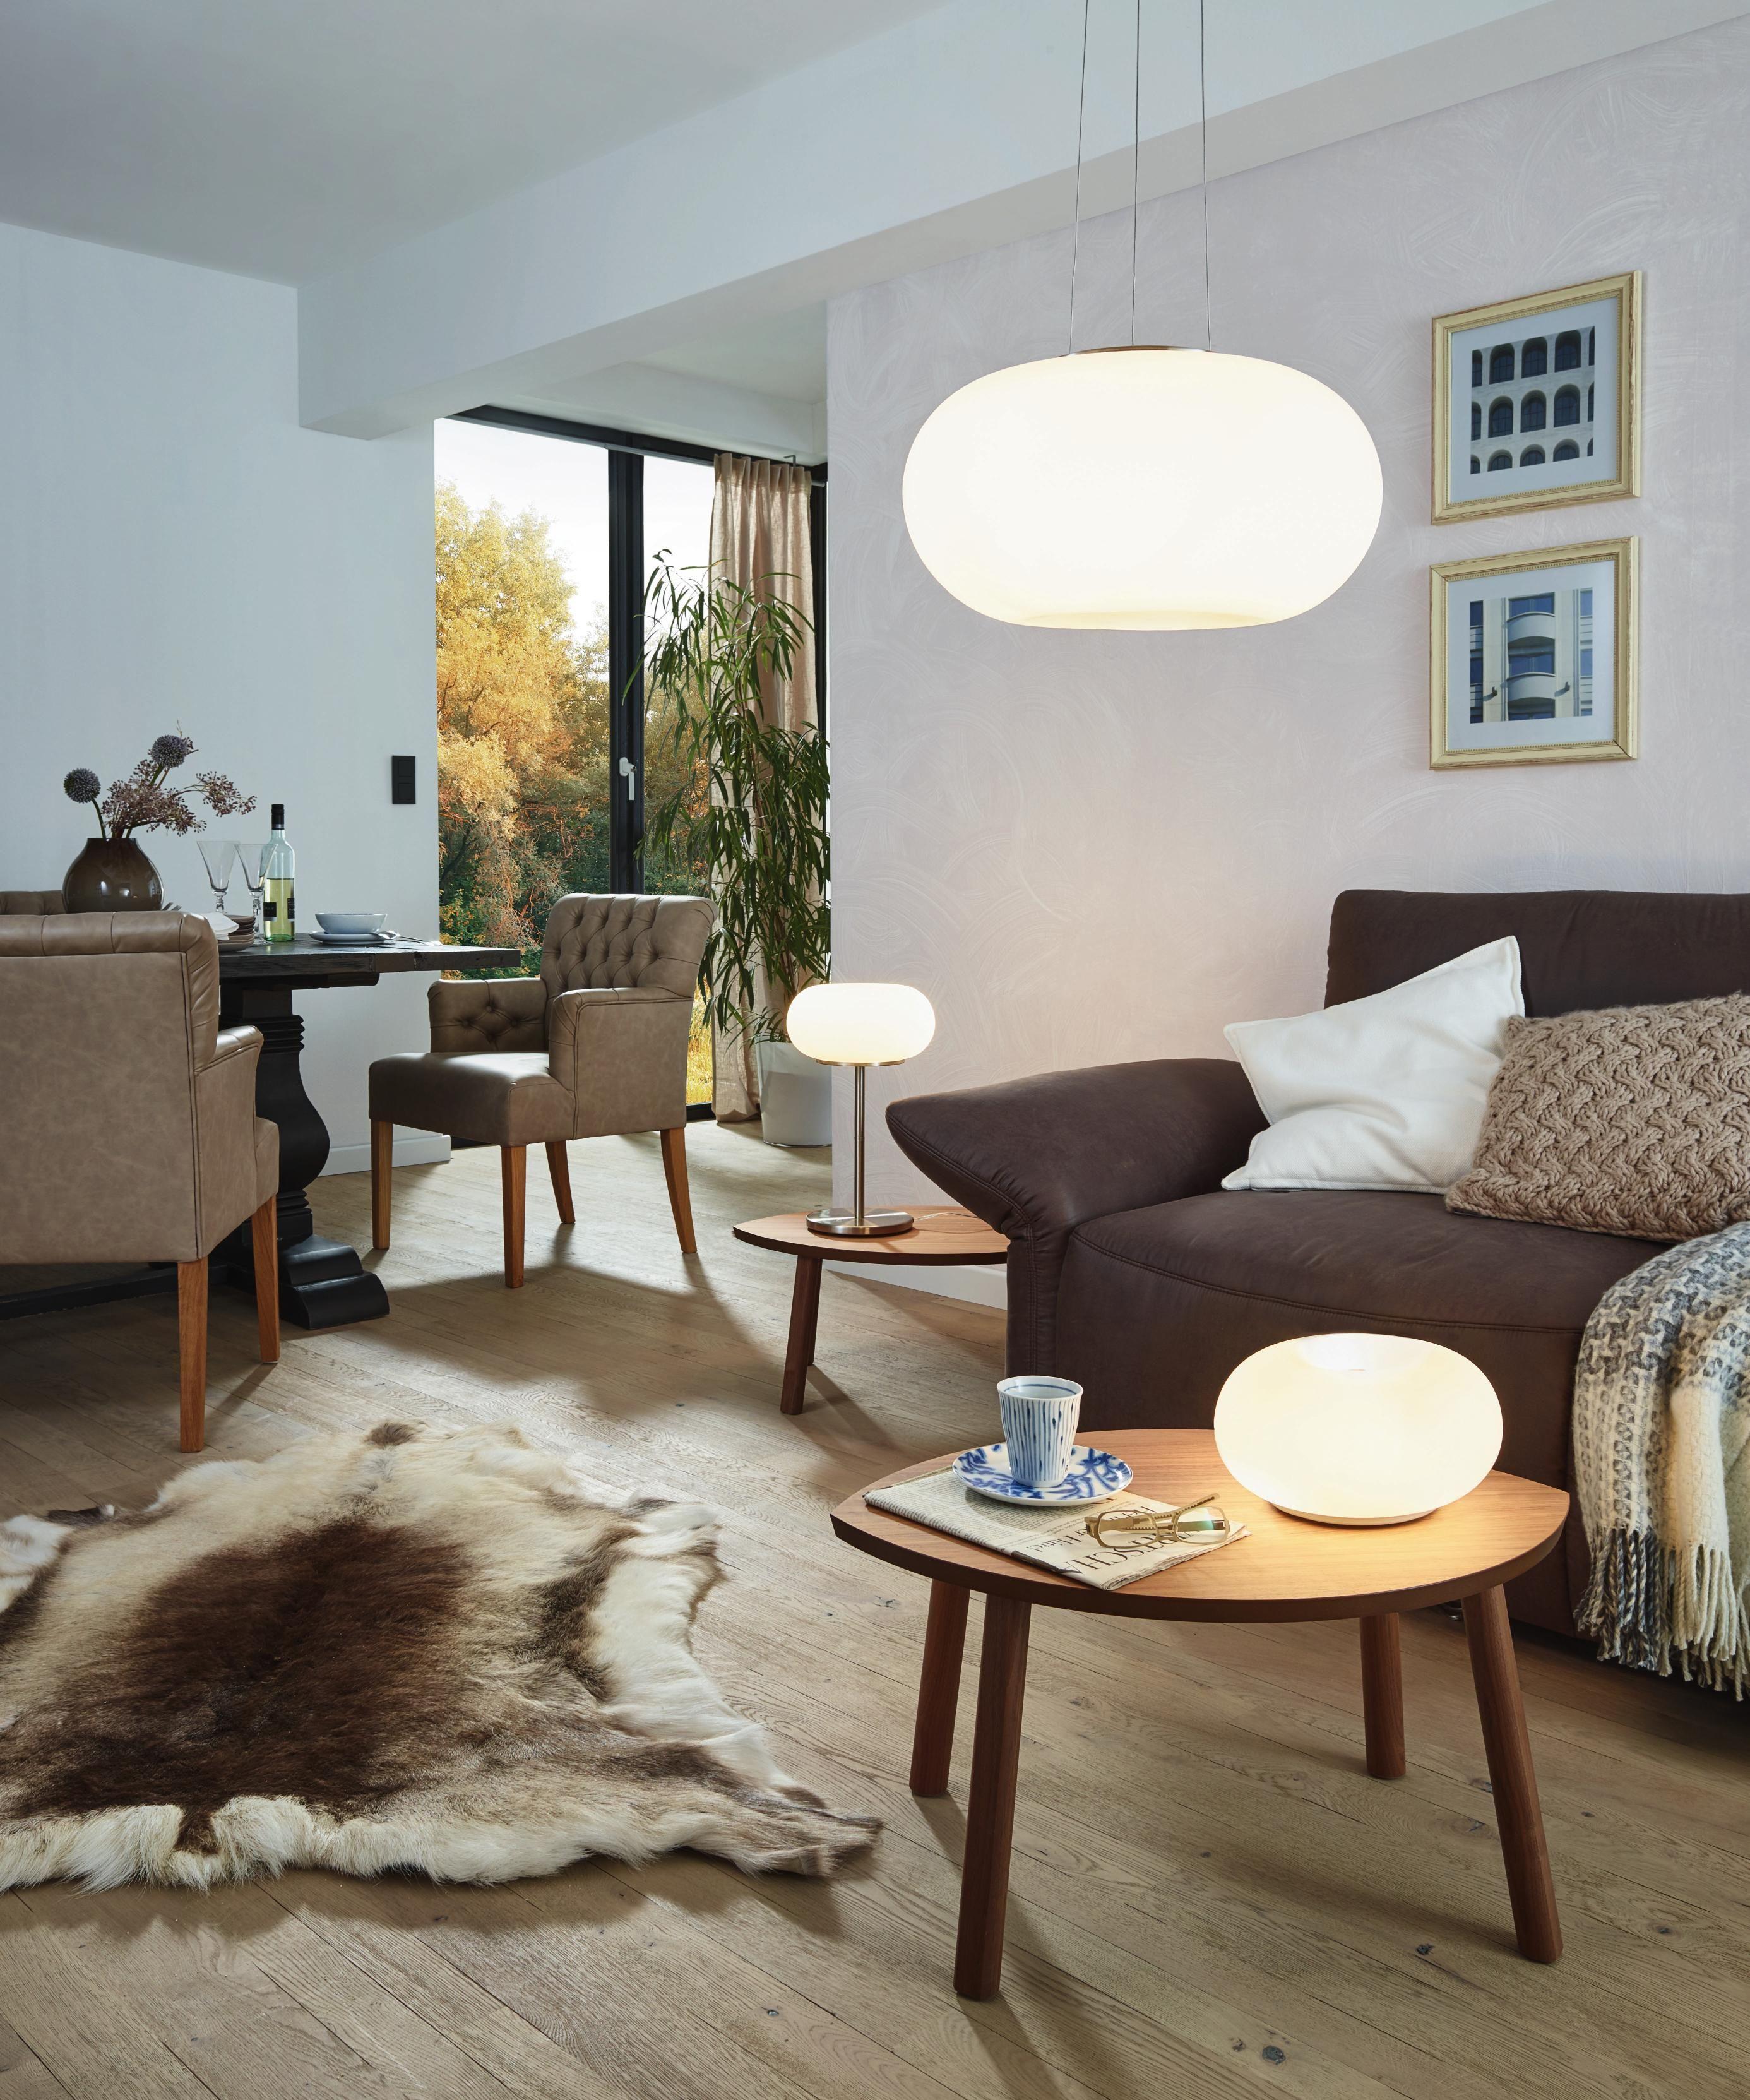 weiße pendelleuchte: ein hingucker, nicht nur im wohnzimmer, Wohnzimmer